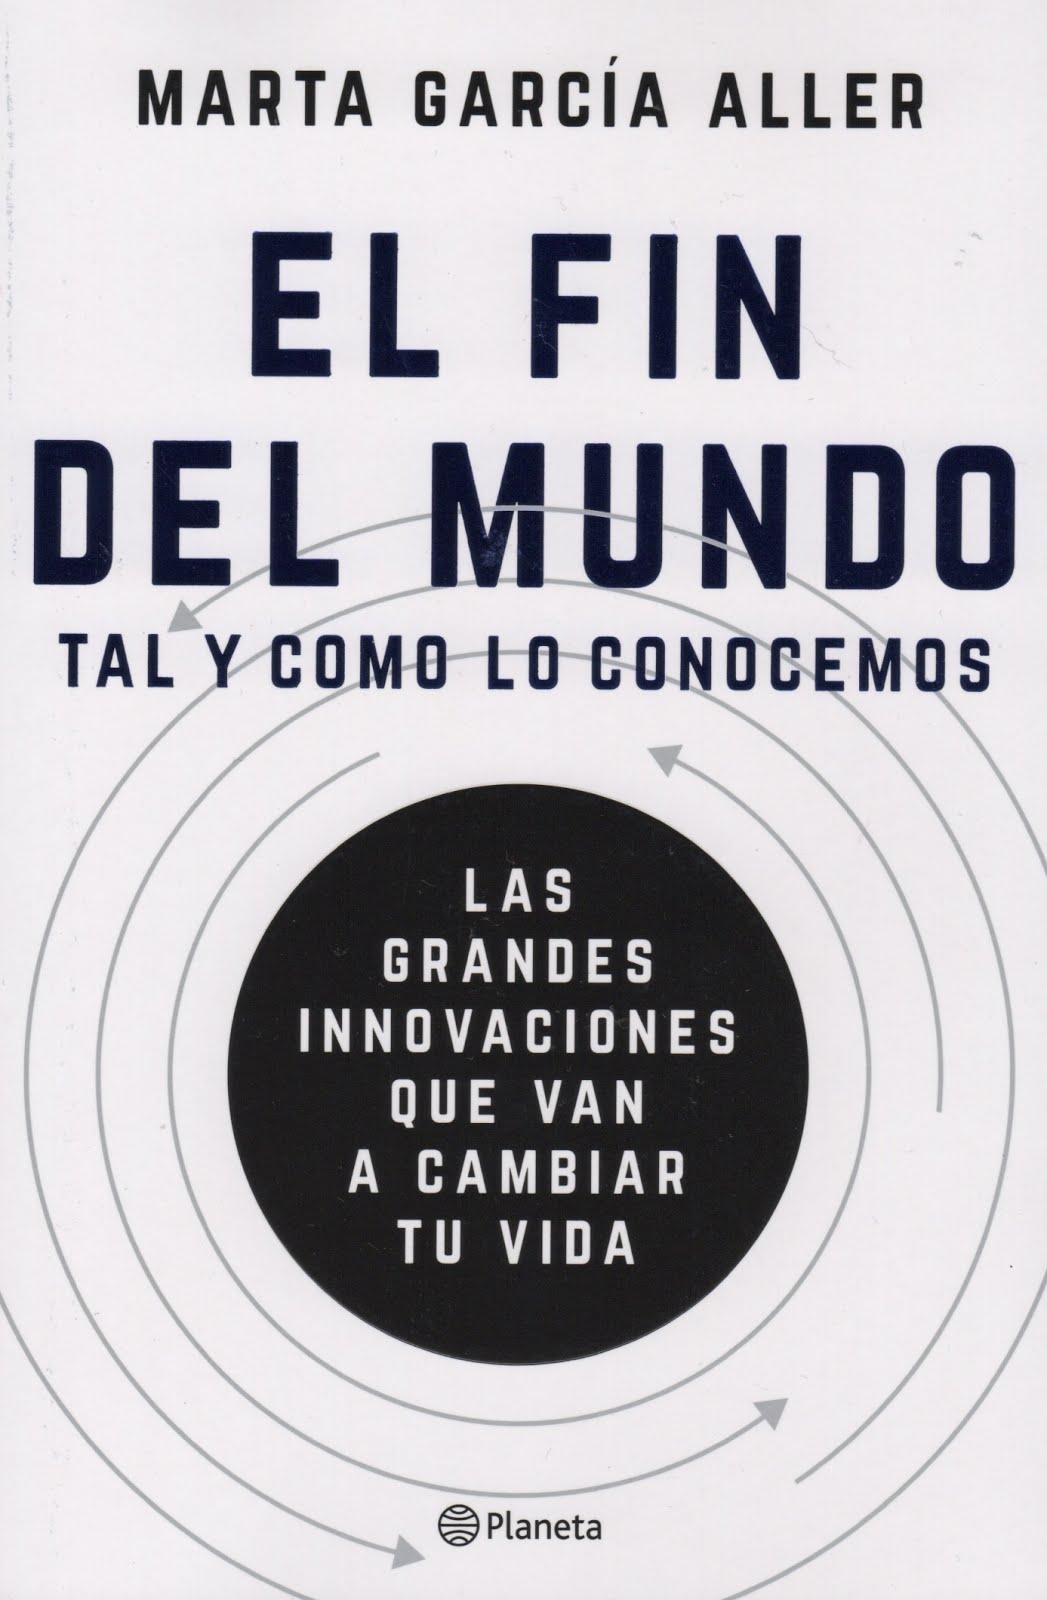 Marta García Aller (El fin del mundo tal y como no conocemos)